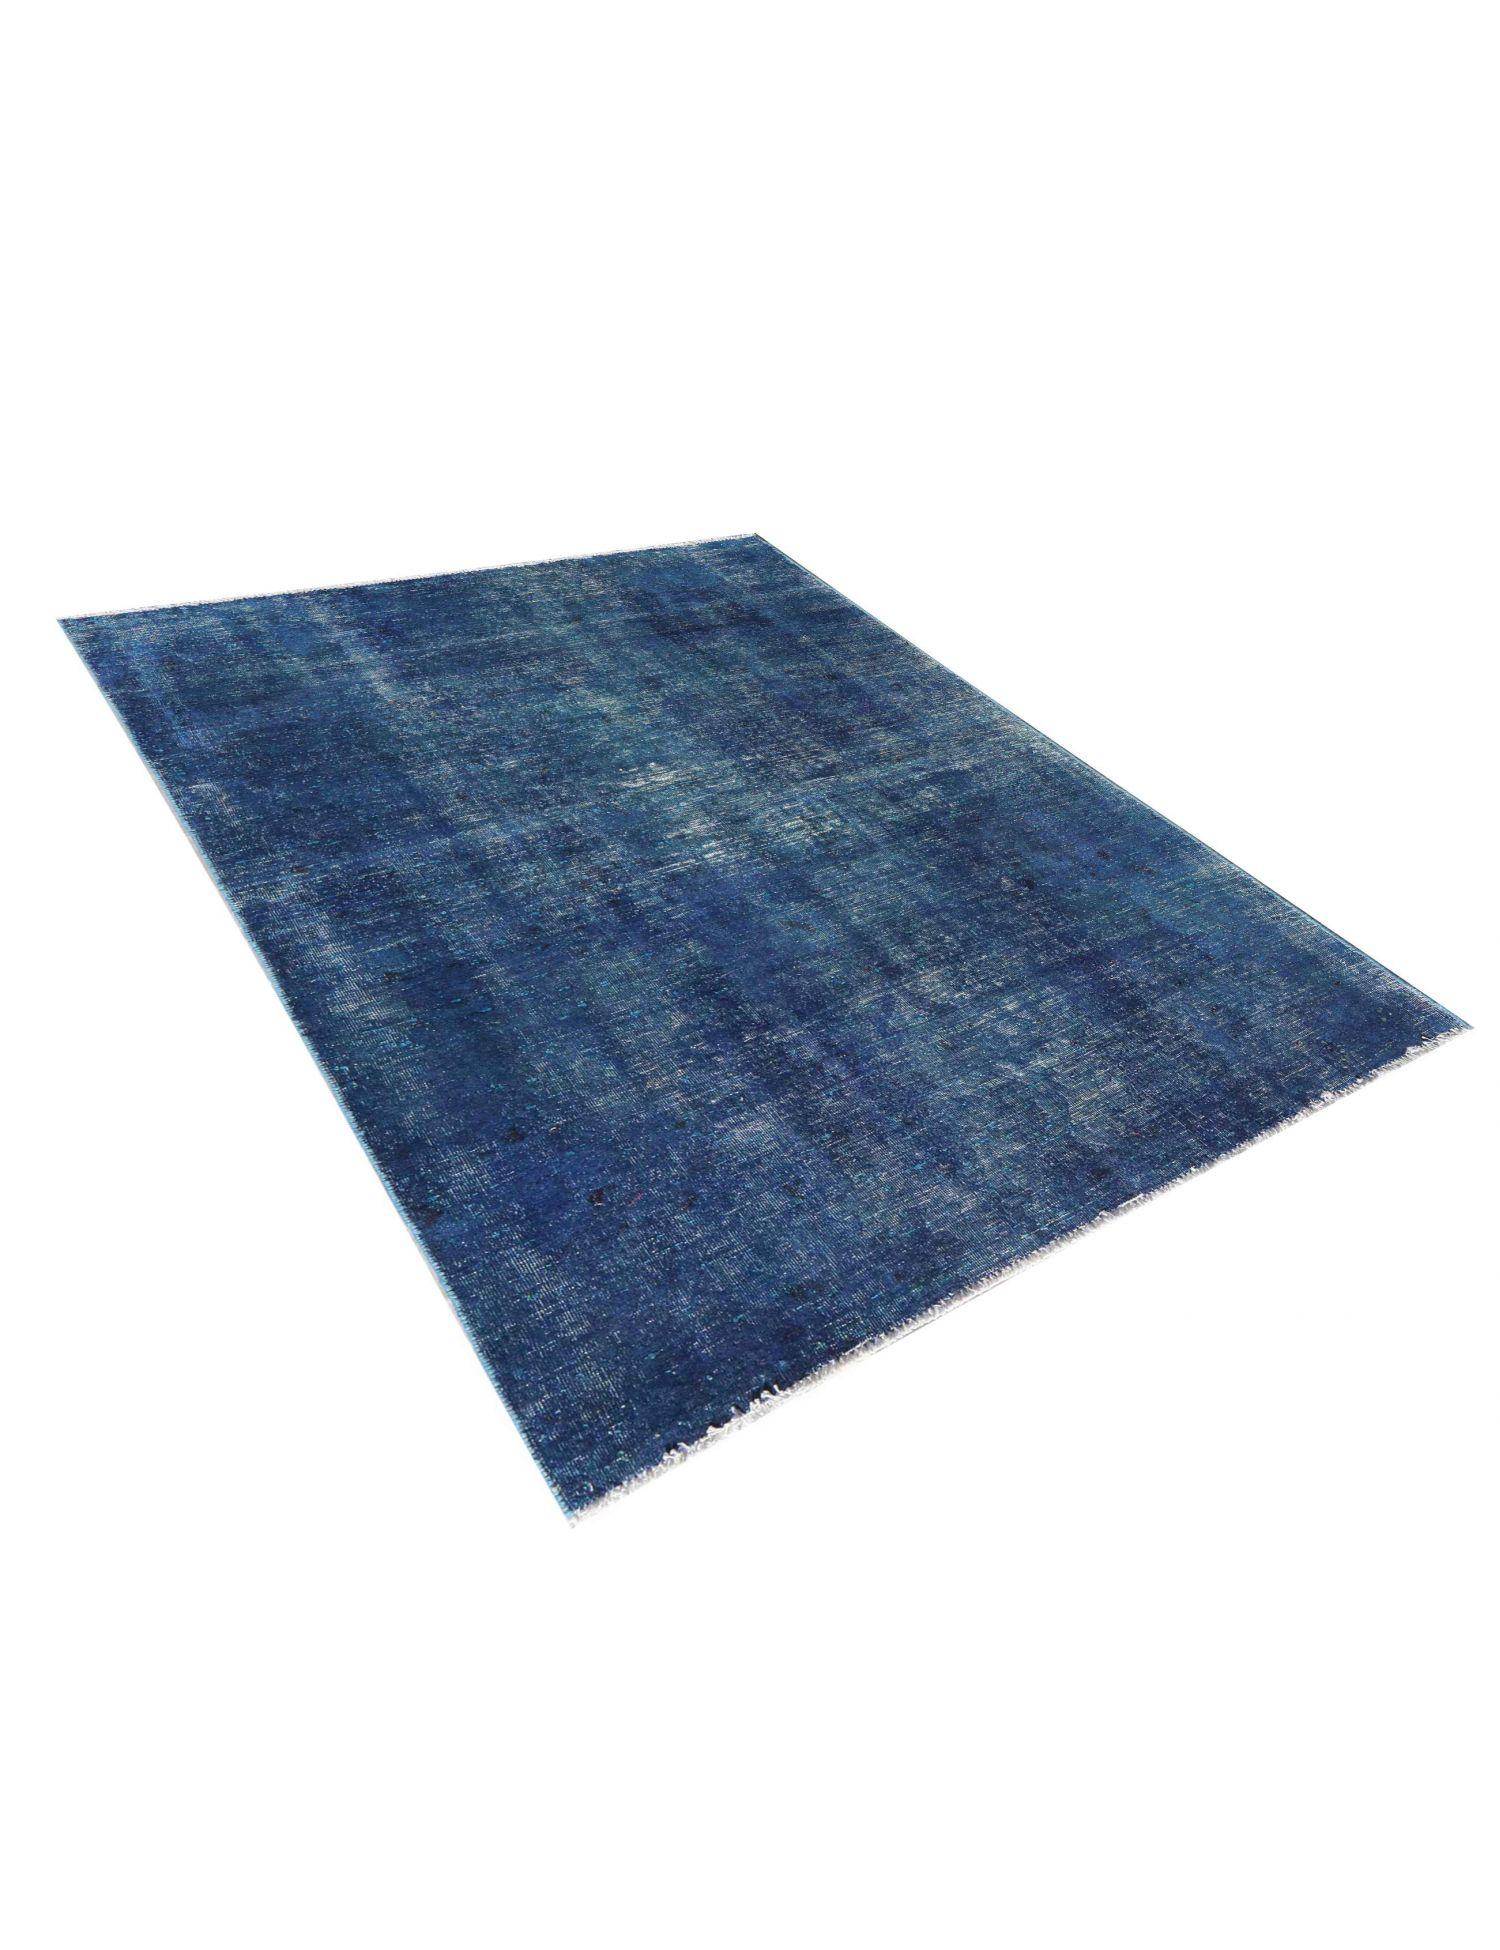 Vintage Perserteppich  blau <br/>205 x 140 cm